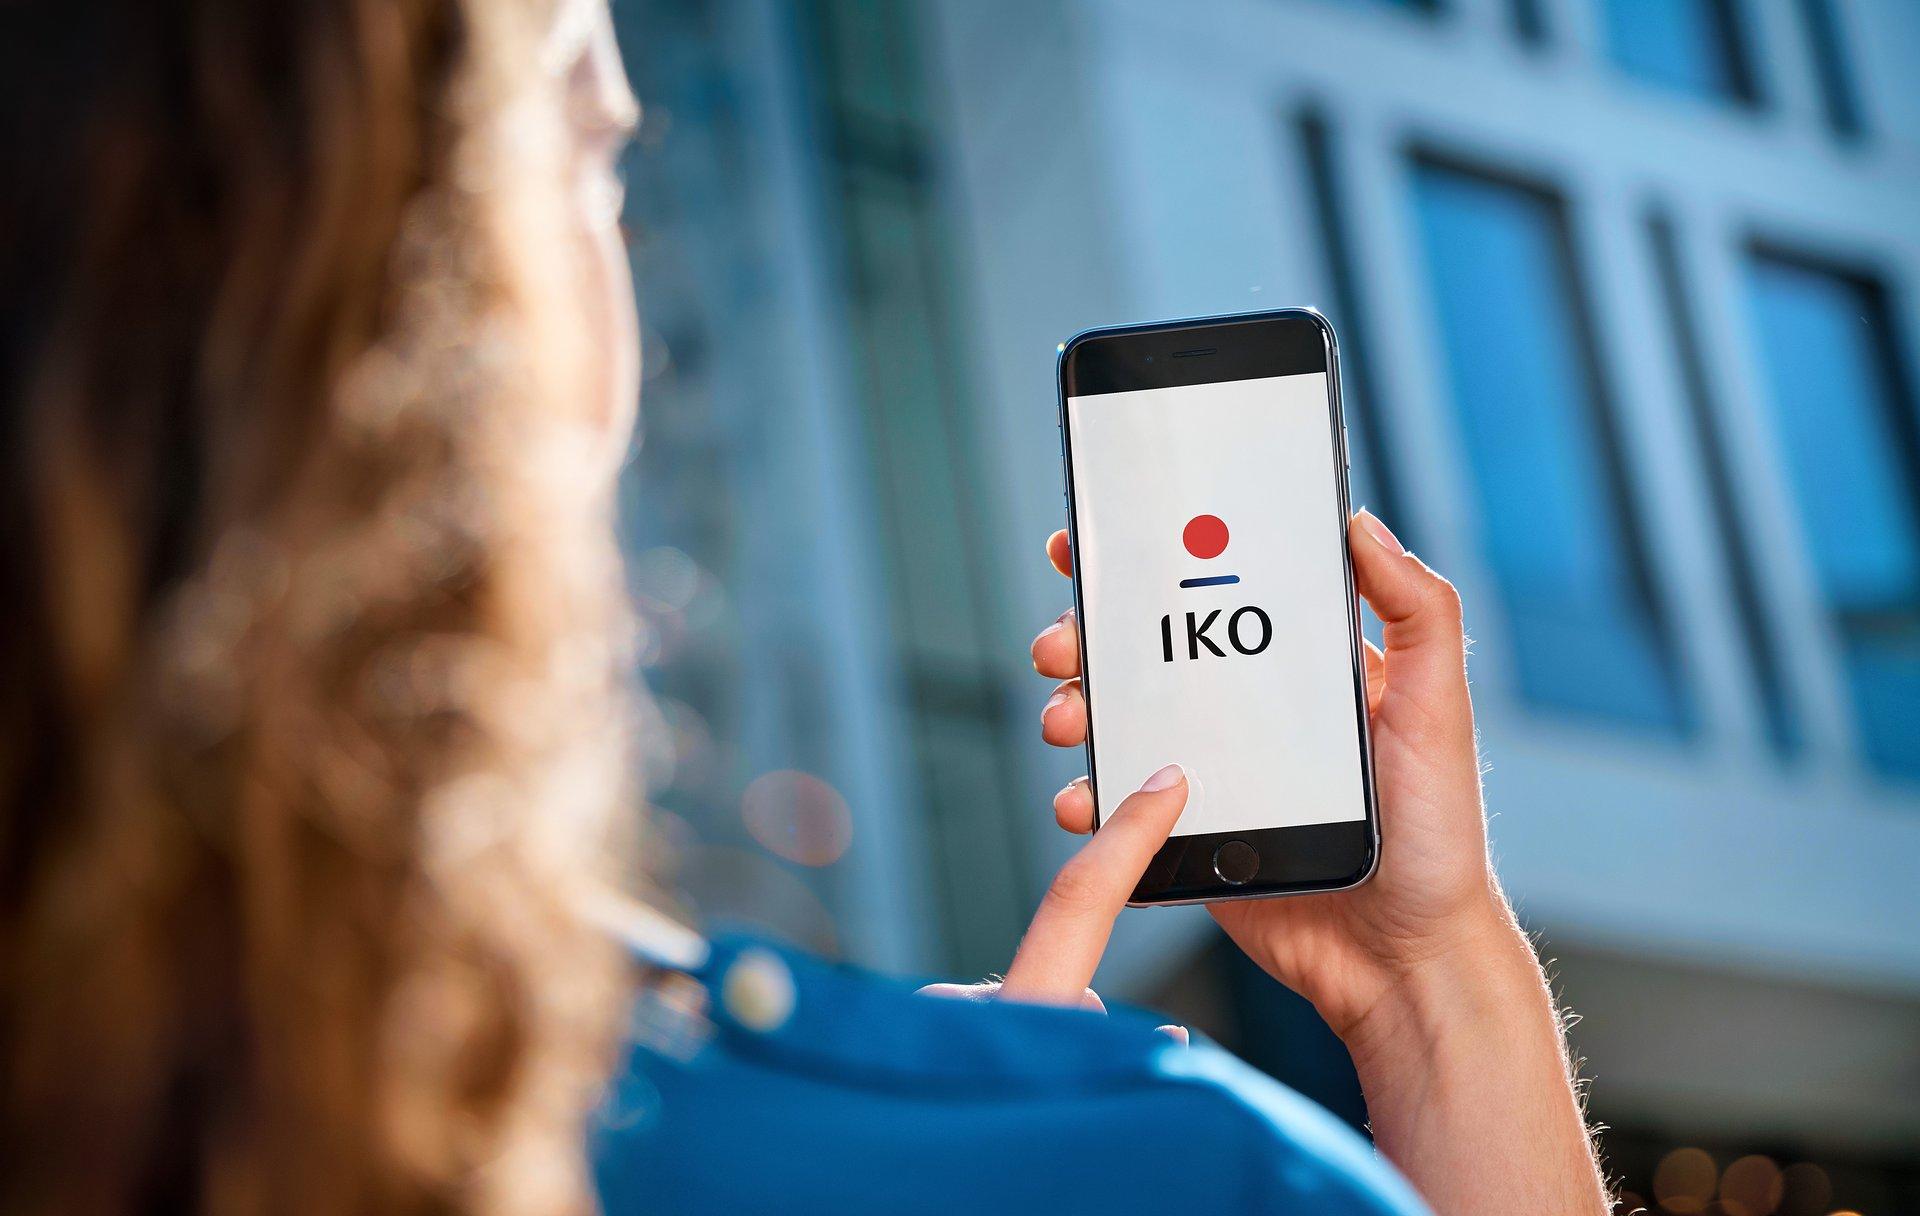 Asystent głosowy w aplikacji mobilnej PKO Banku Polskiego przeanalizuje teraz wydatki i oszczędności